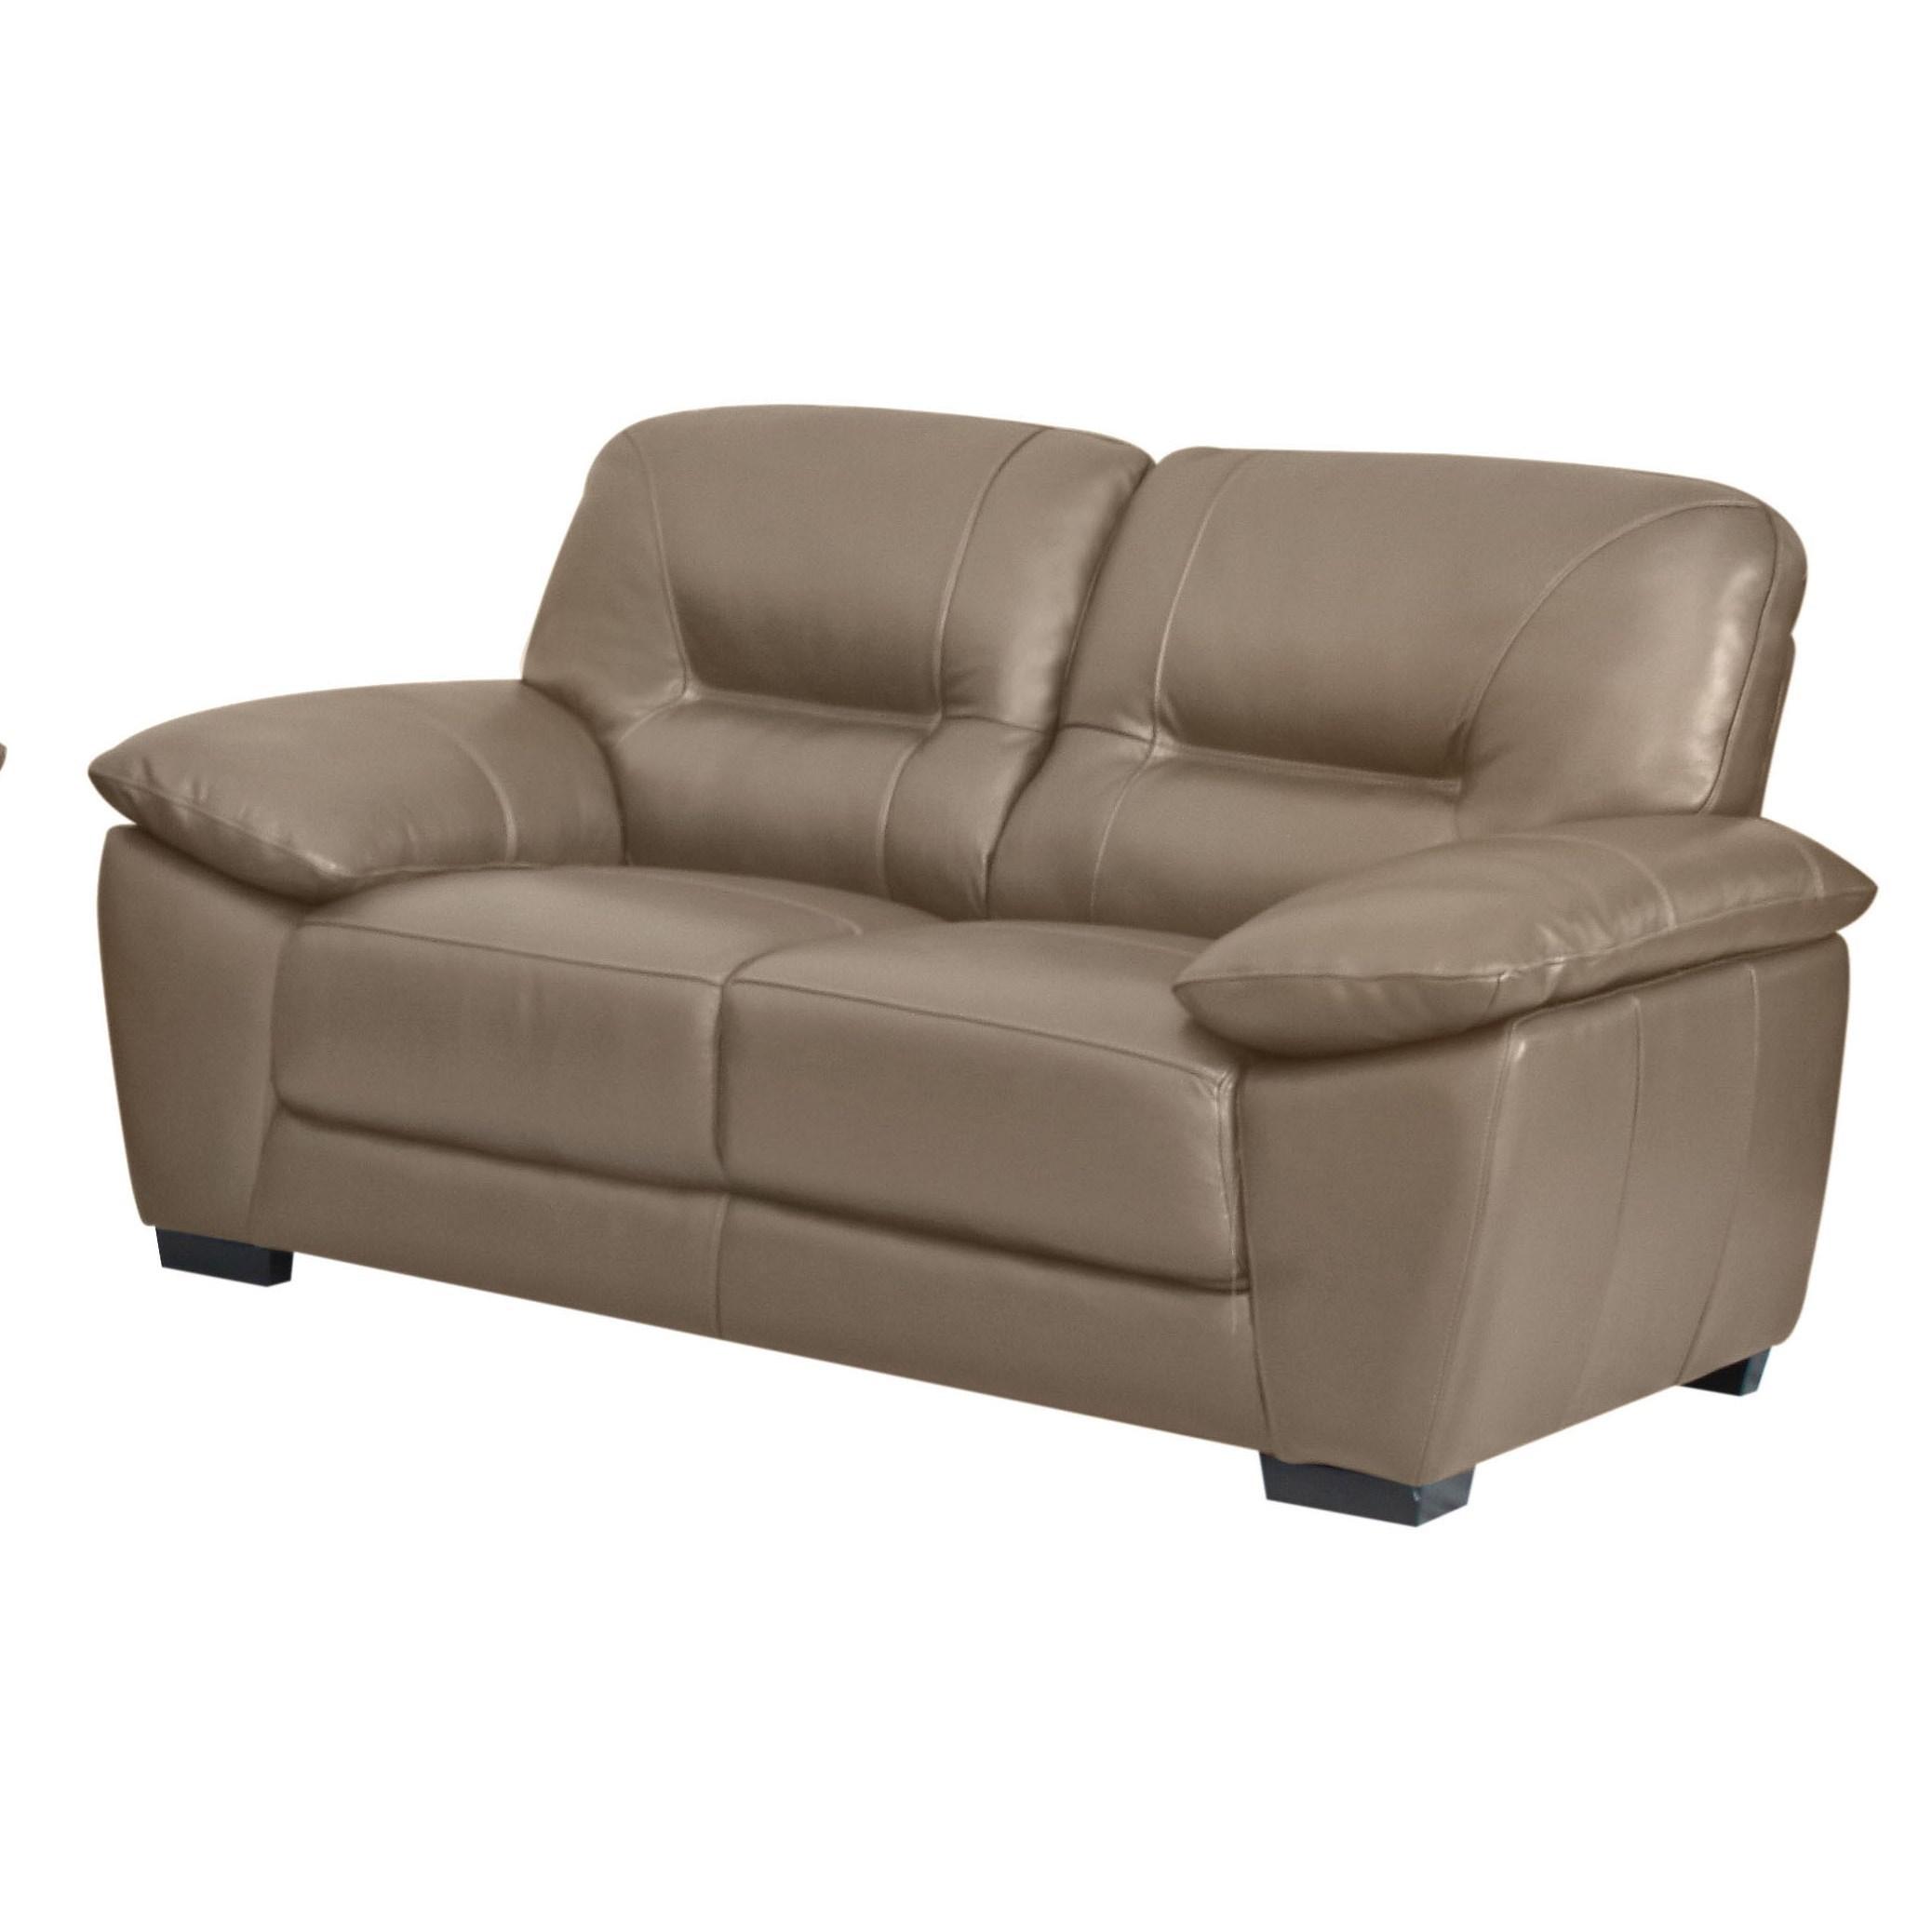 Diamond Sofa Avanti Loveseat  - Item Number: AVANTILOTA